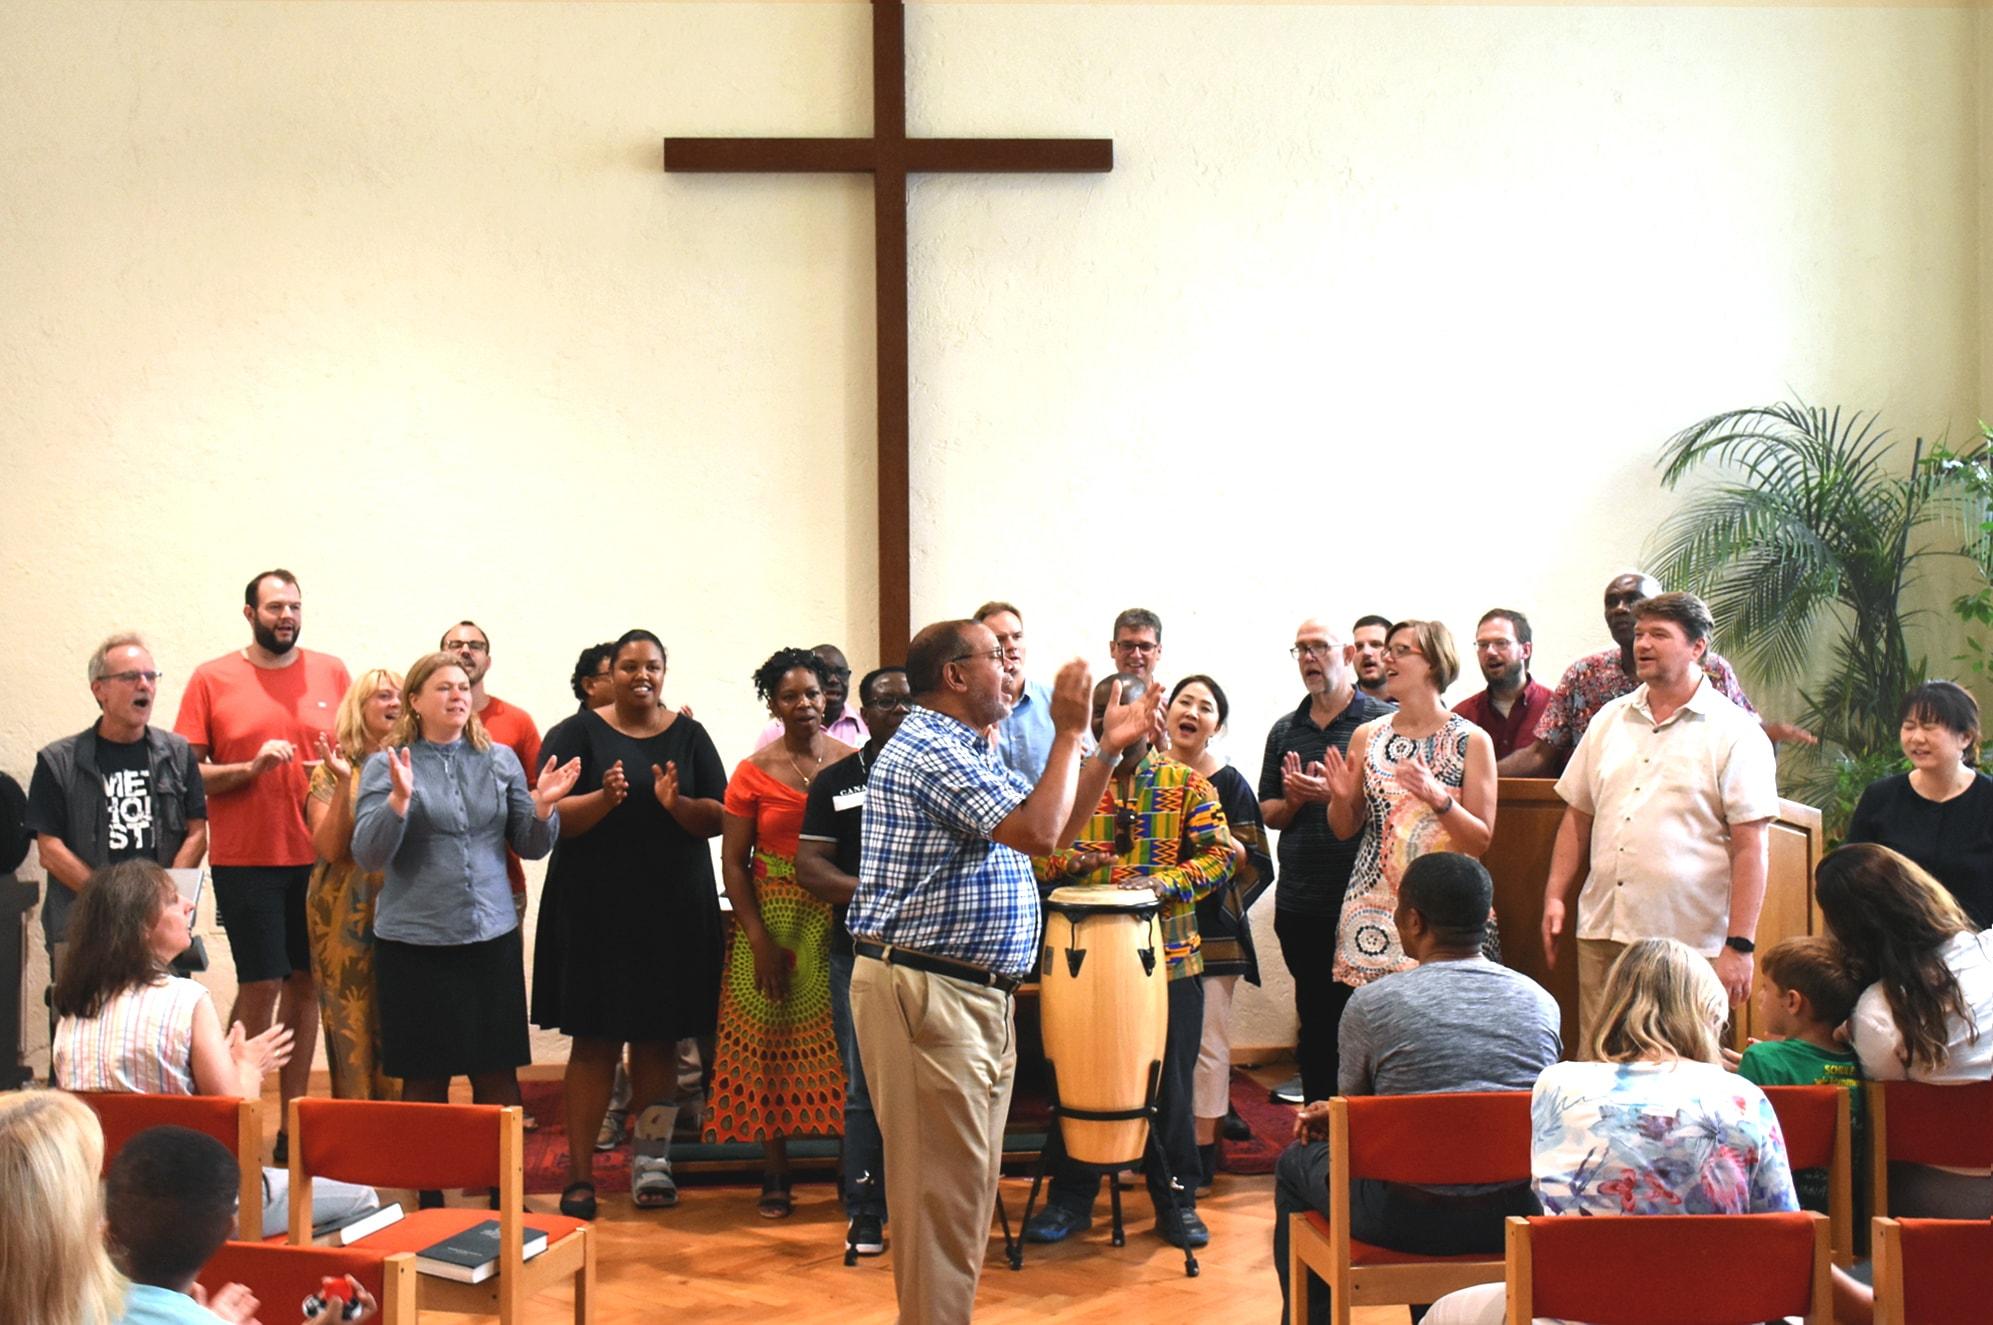 Los/as participantes cantan durante el servicio de adoración en un proyecto piloto de la Junta General de Ministerios Globales (GBGM por sus siglas en inglés), destinado a capacitar pastores/as y laicos/as que lideran congregaciones afectadas por la migración. La sesión se llevó a cabo del 22 al 30 de agosto en el Centro Educativo y de Formación de la Iglesia Metodista Unida en Stuttgart, Alemania. Foto por Üllas Tankler, GBGM.